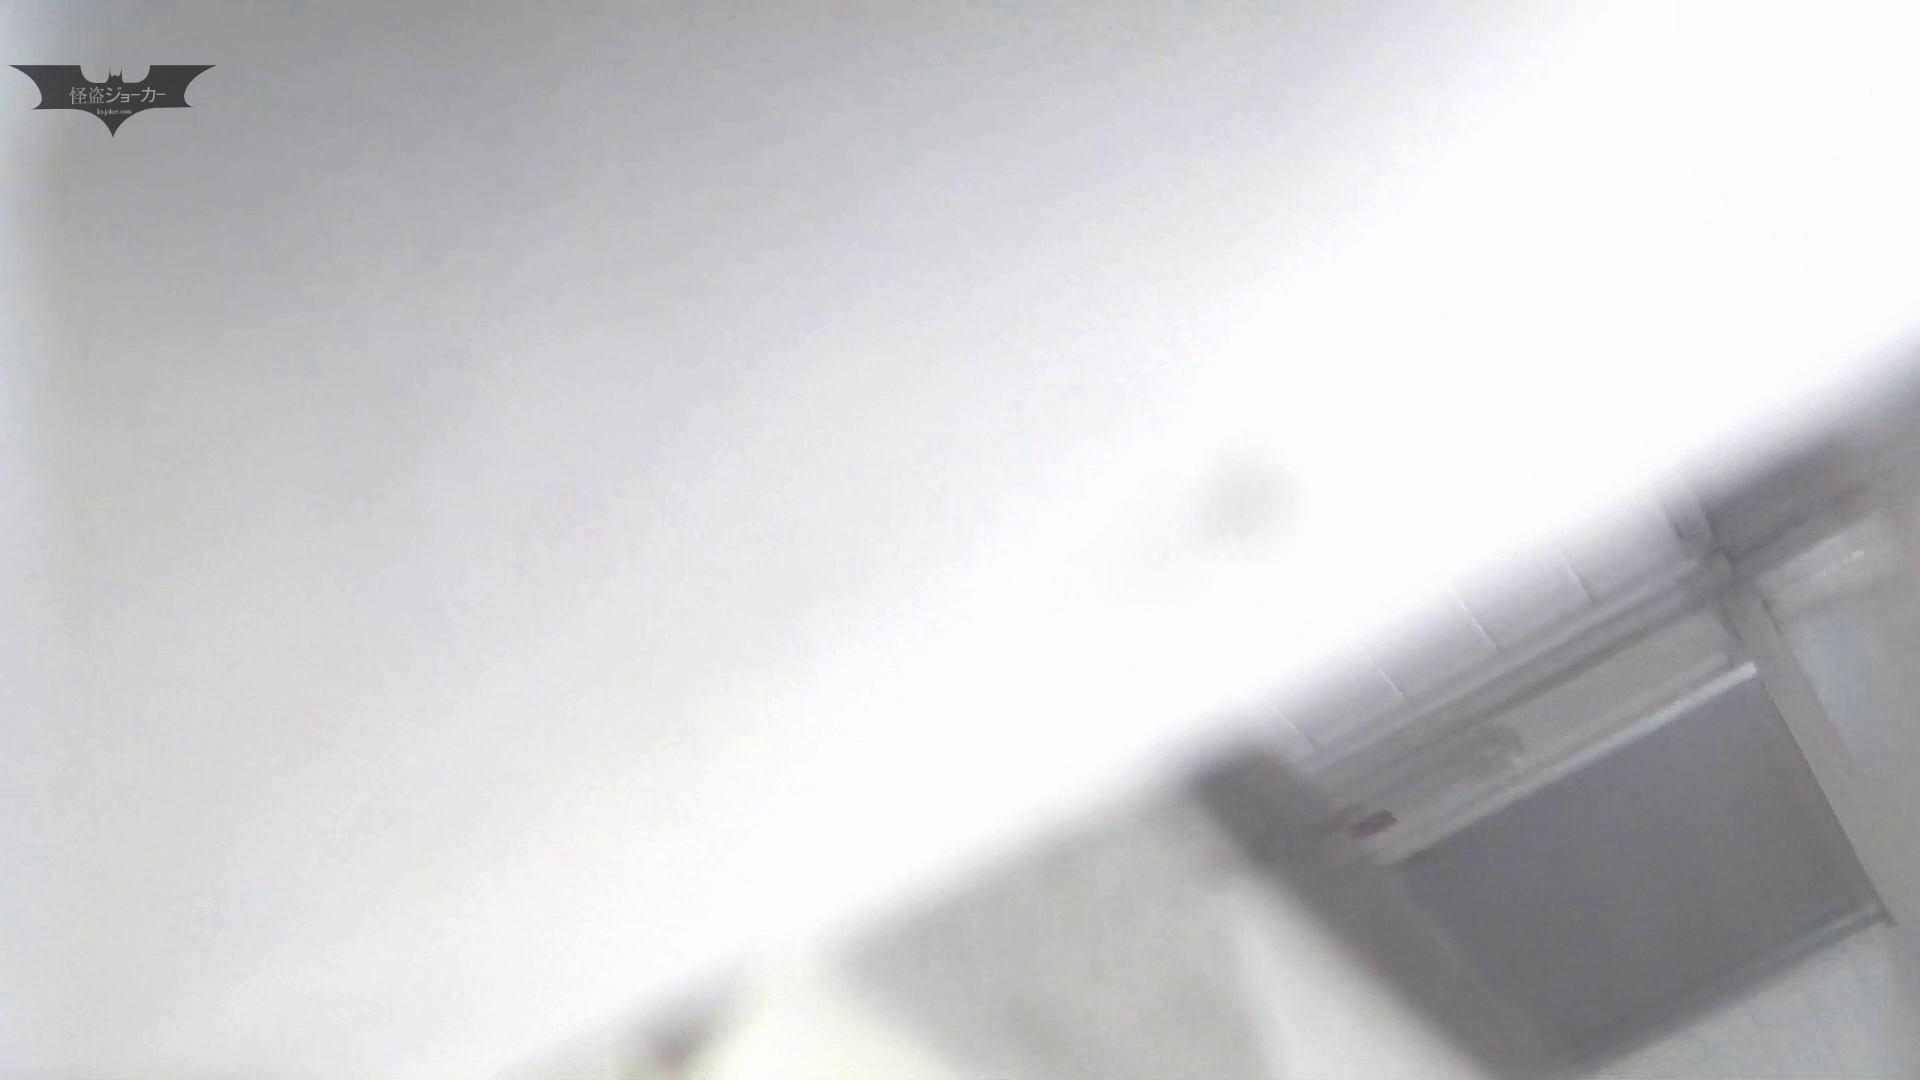 洗面所特攻隊 vol.048 特攻隊さん二人の可愛い子と直対面、会話 名作 すけべAV動画紹介 97枚 63